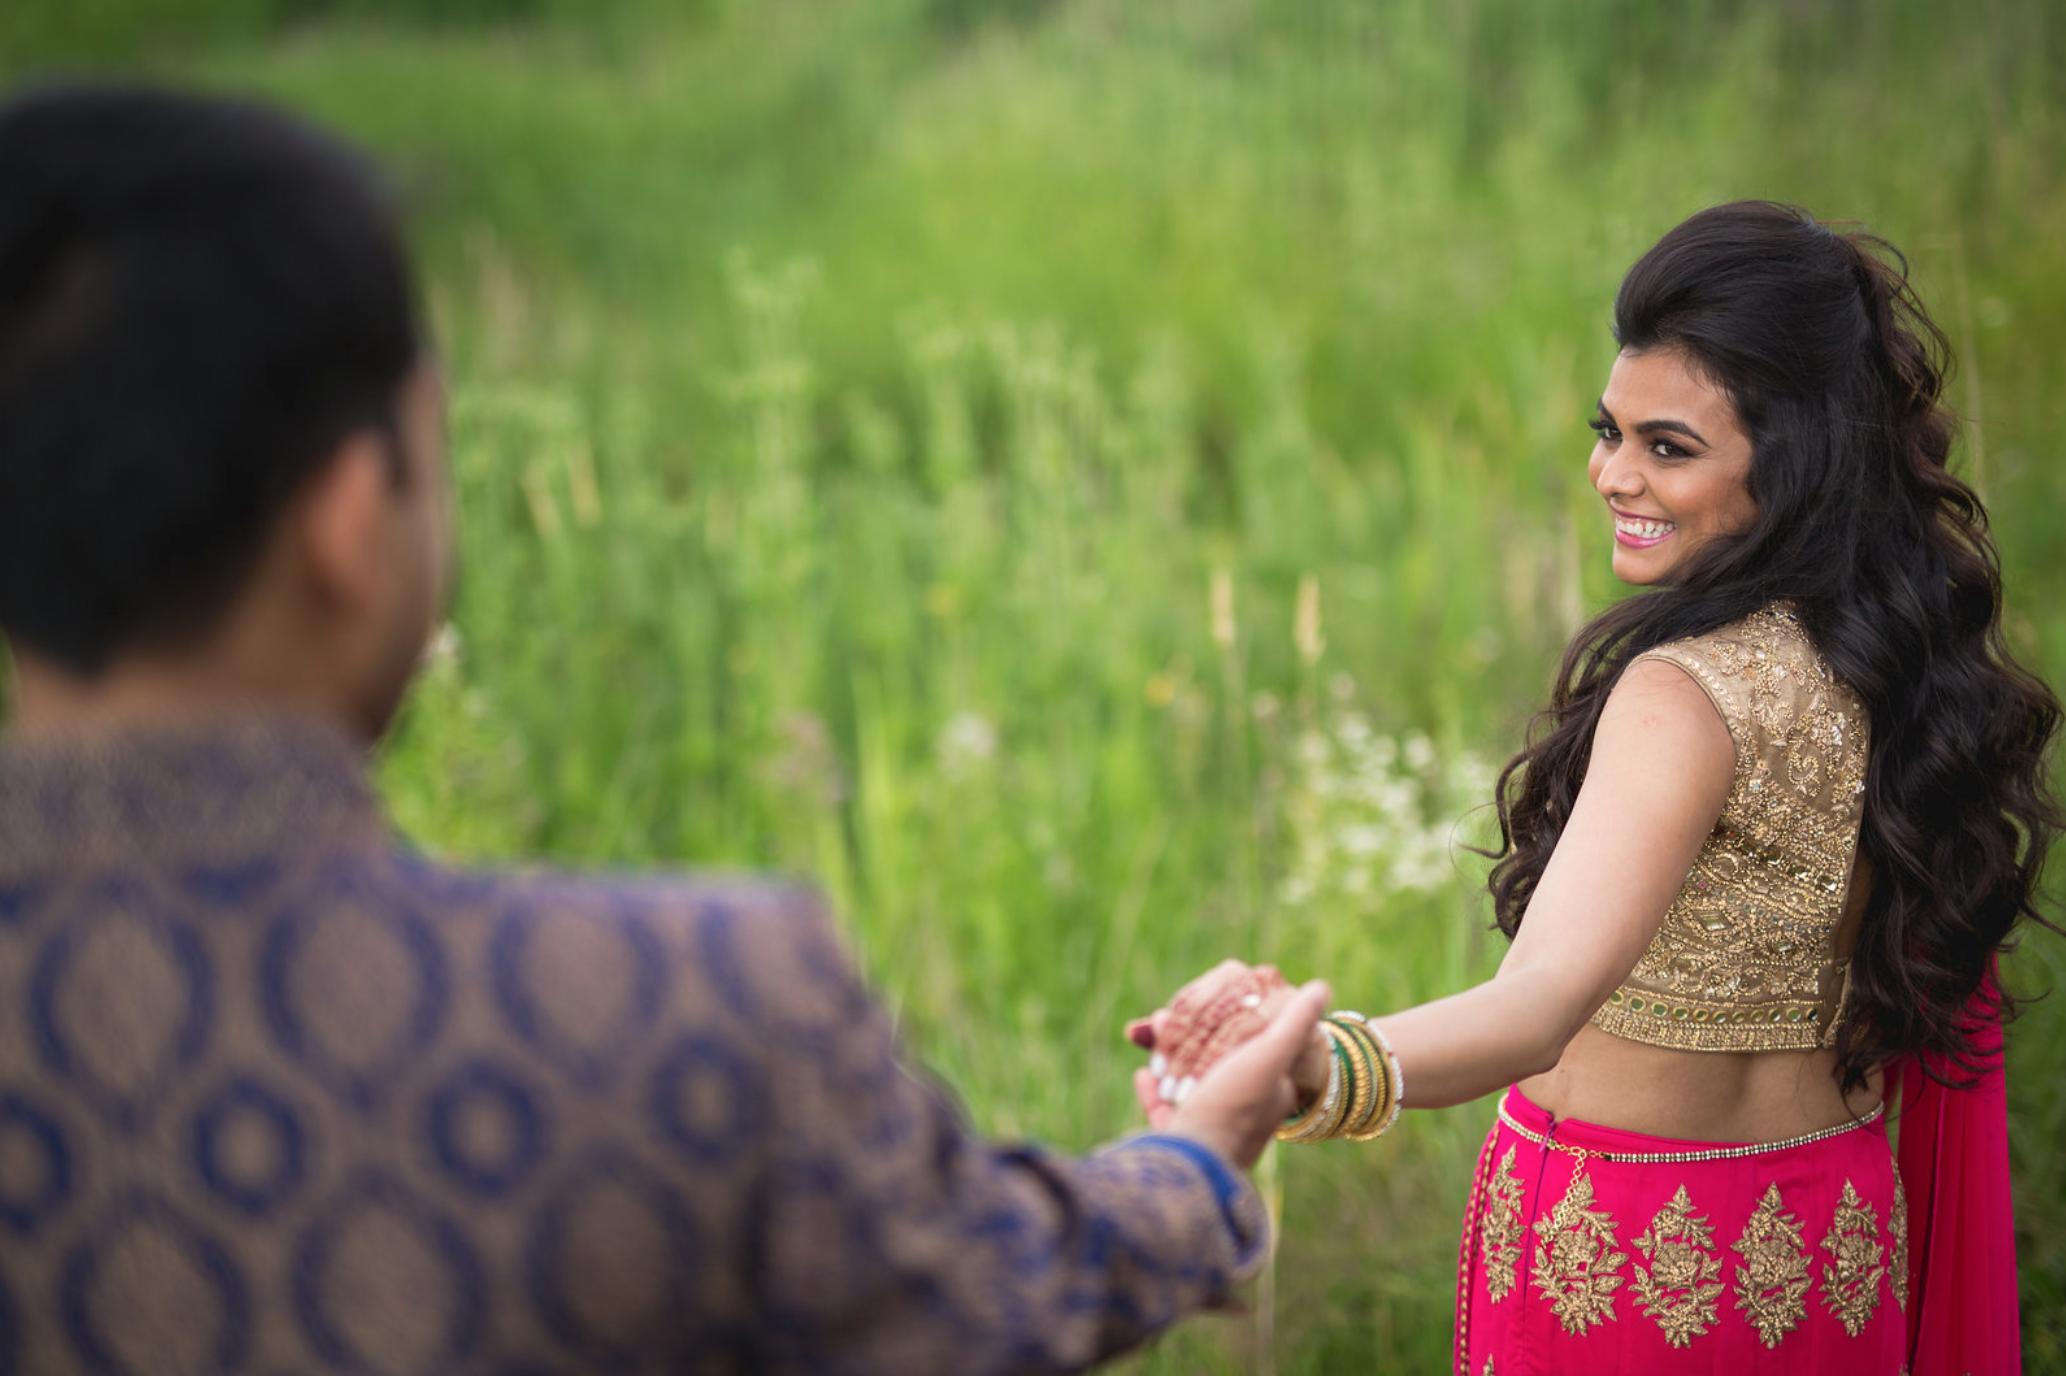 bride-taking-groom-by-hand.jpg